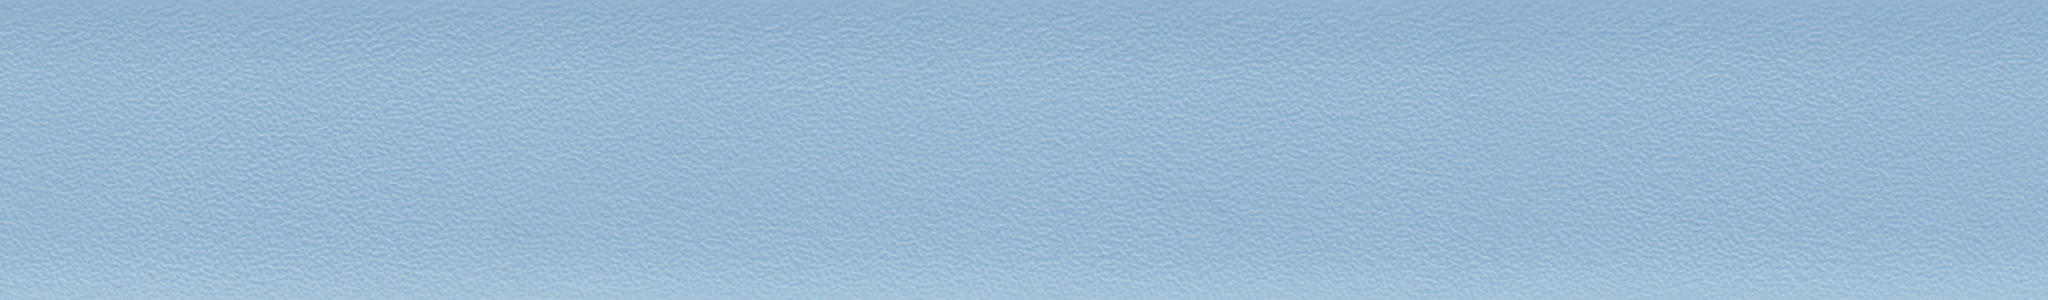 HU 15621 ABS Kante UNI Hellblau perl 101